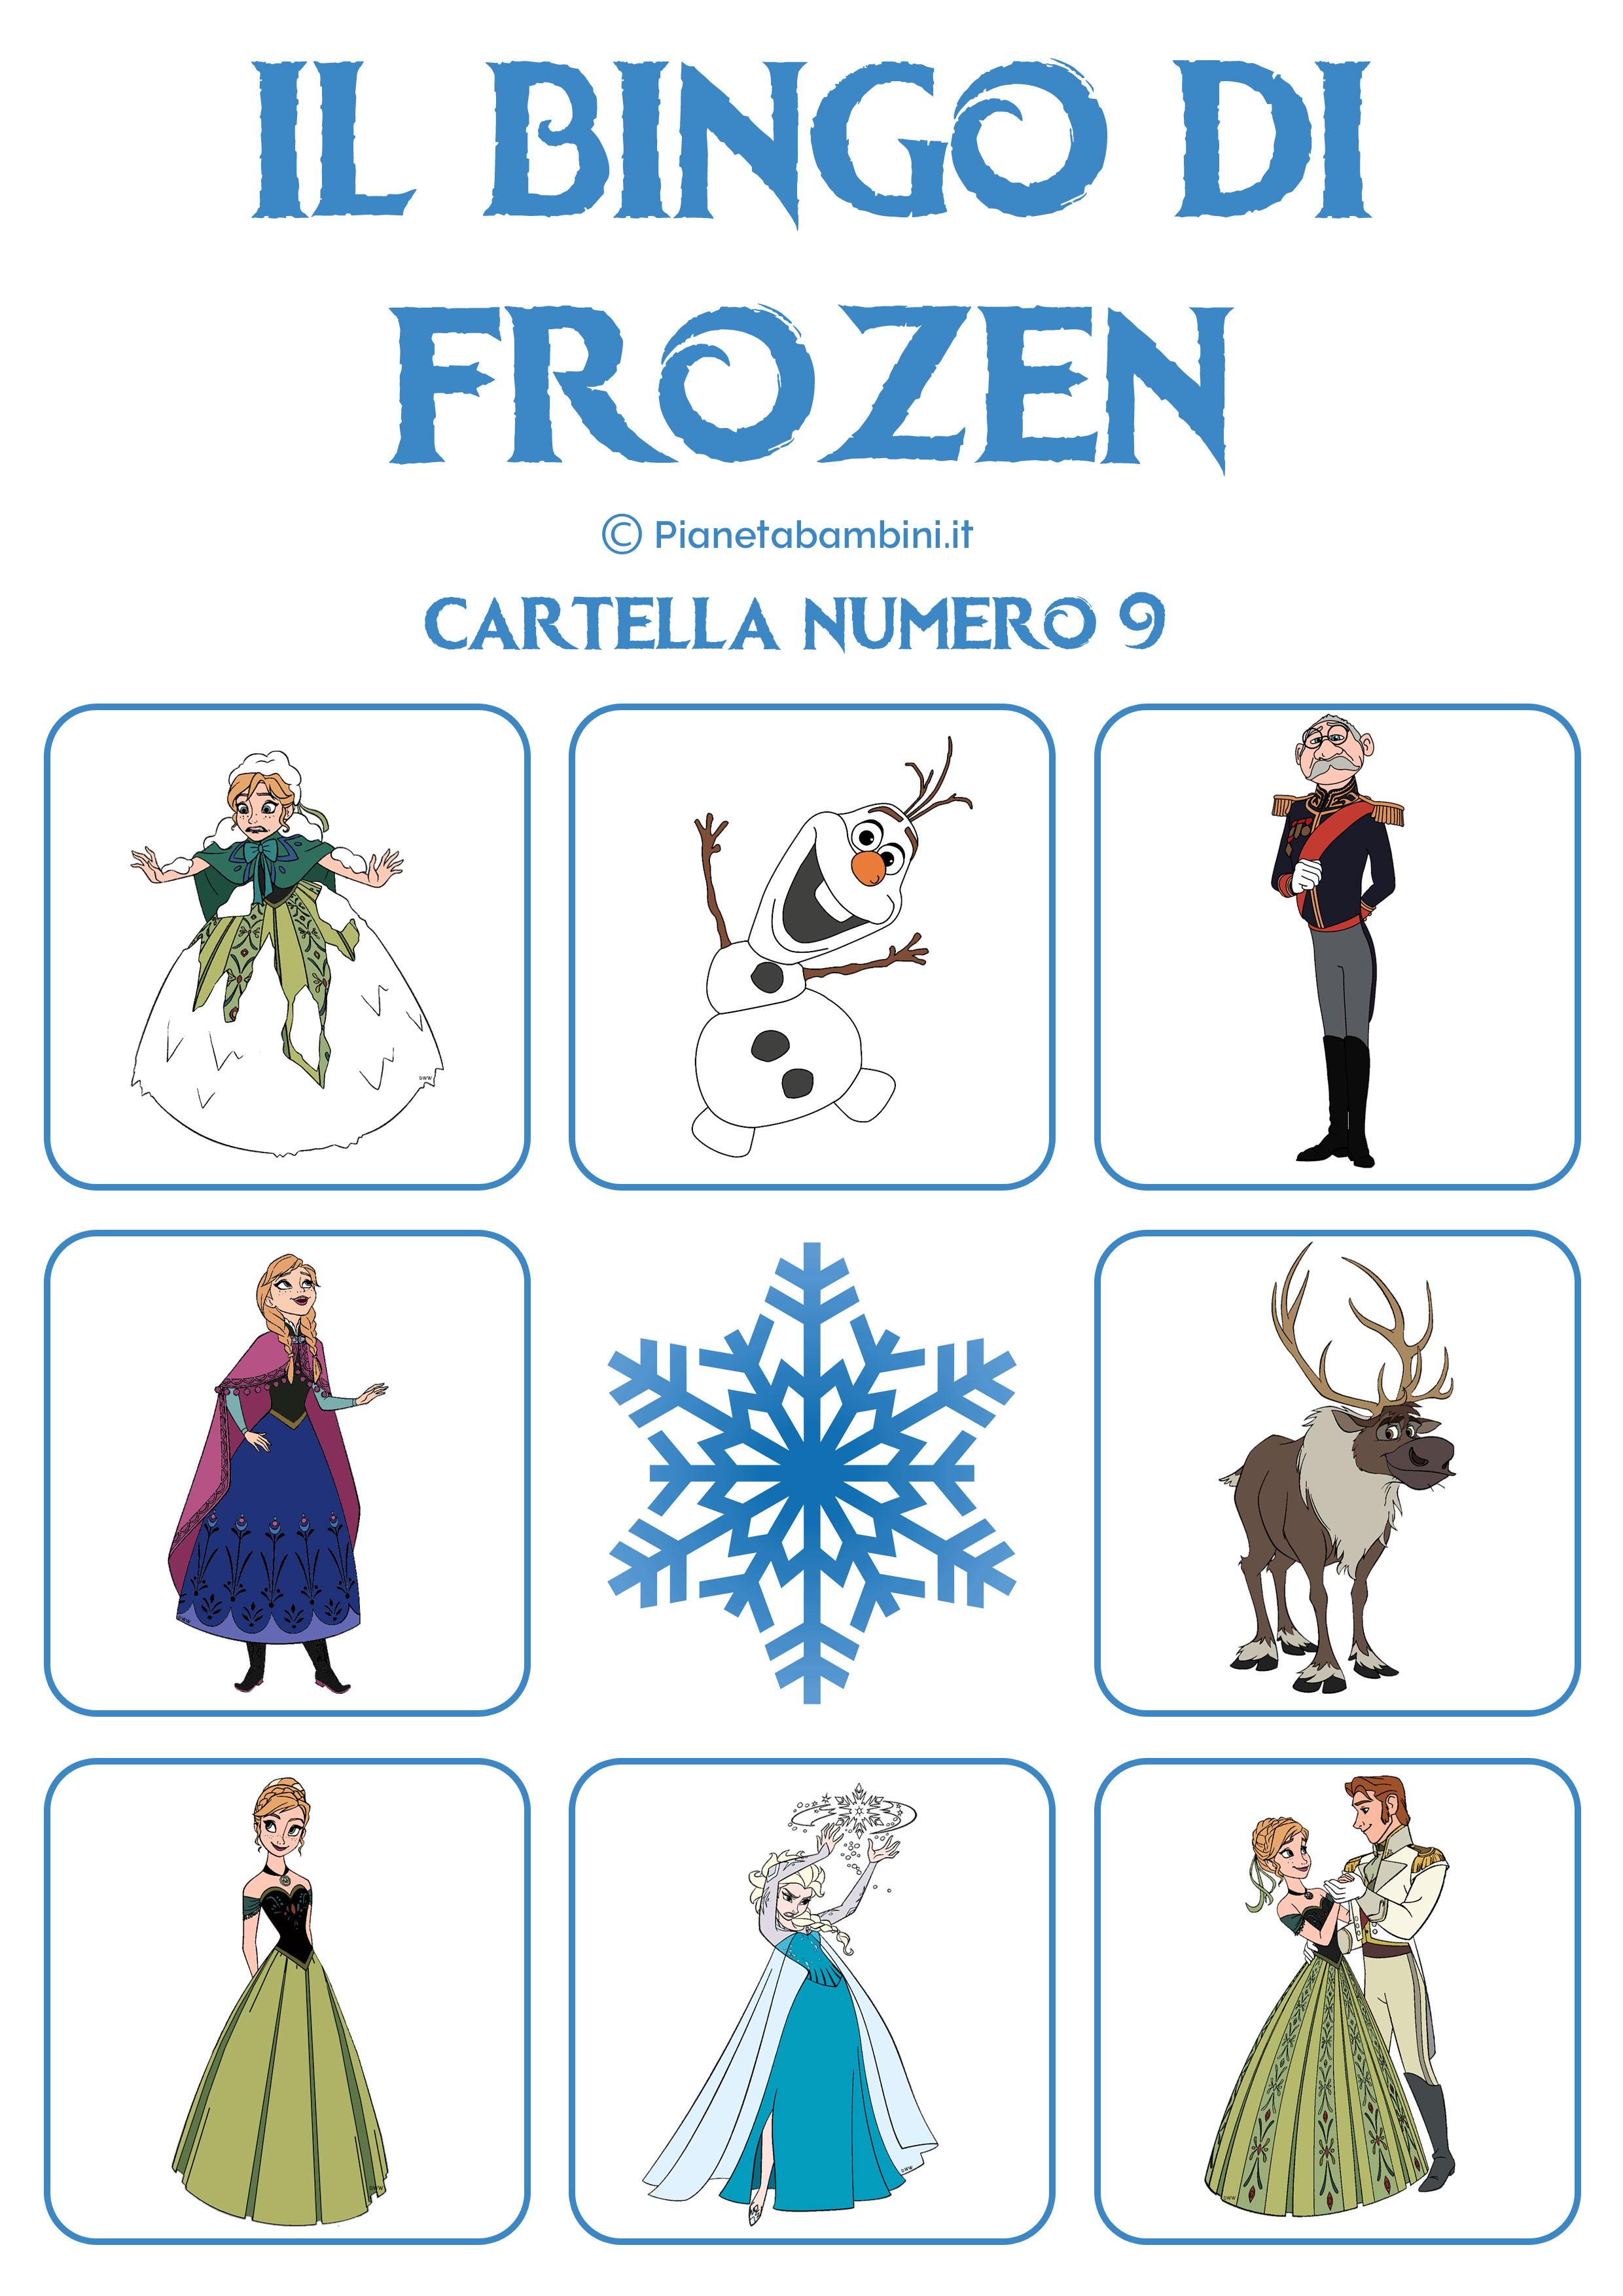 Bingo-Frozen-Cartella-9